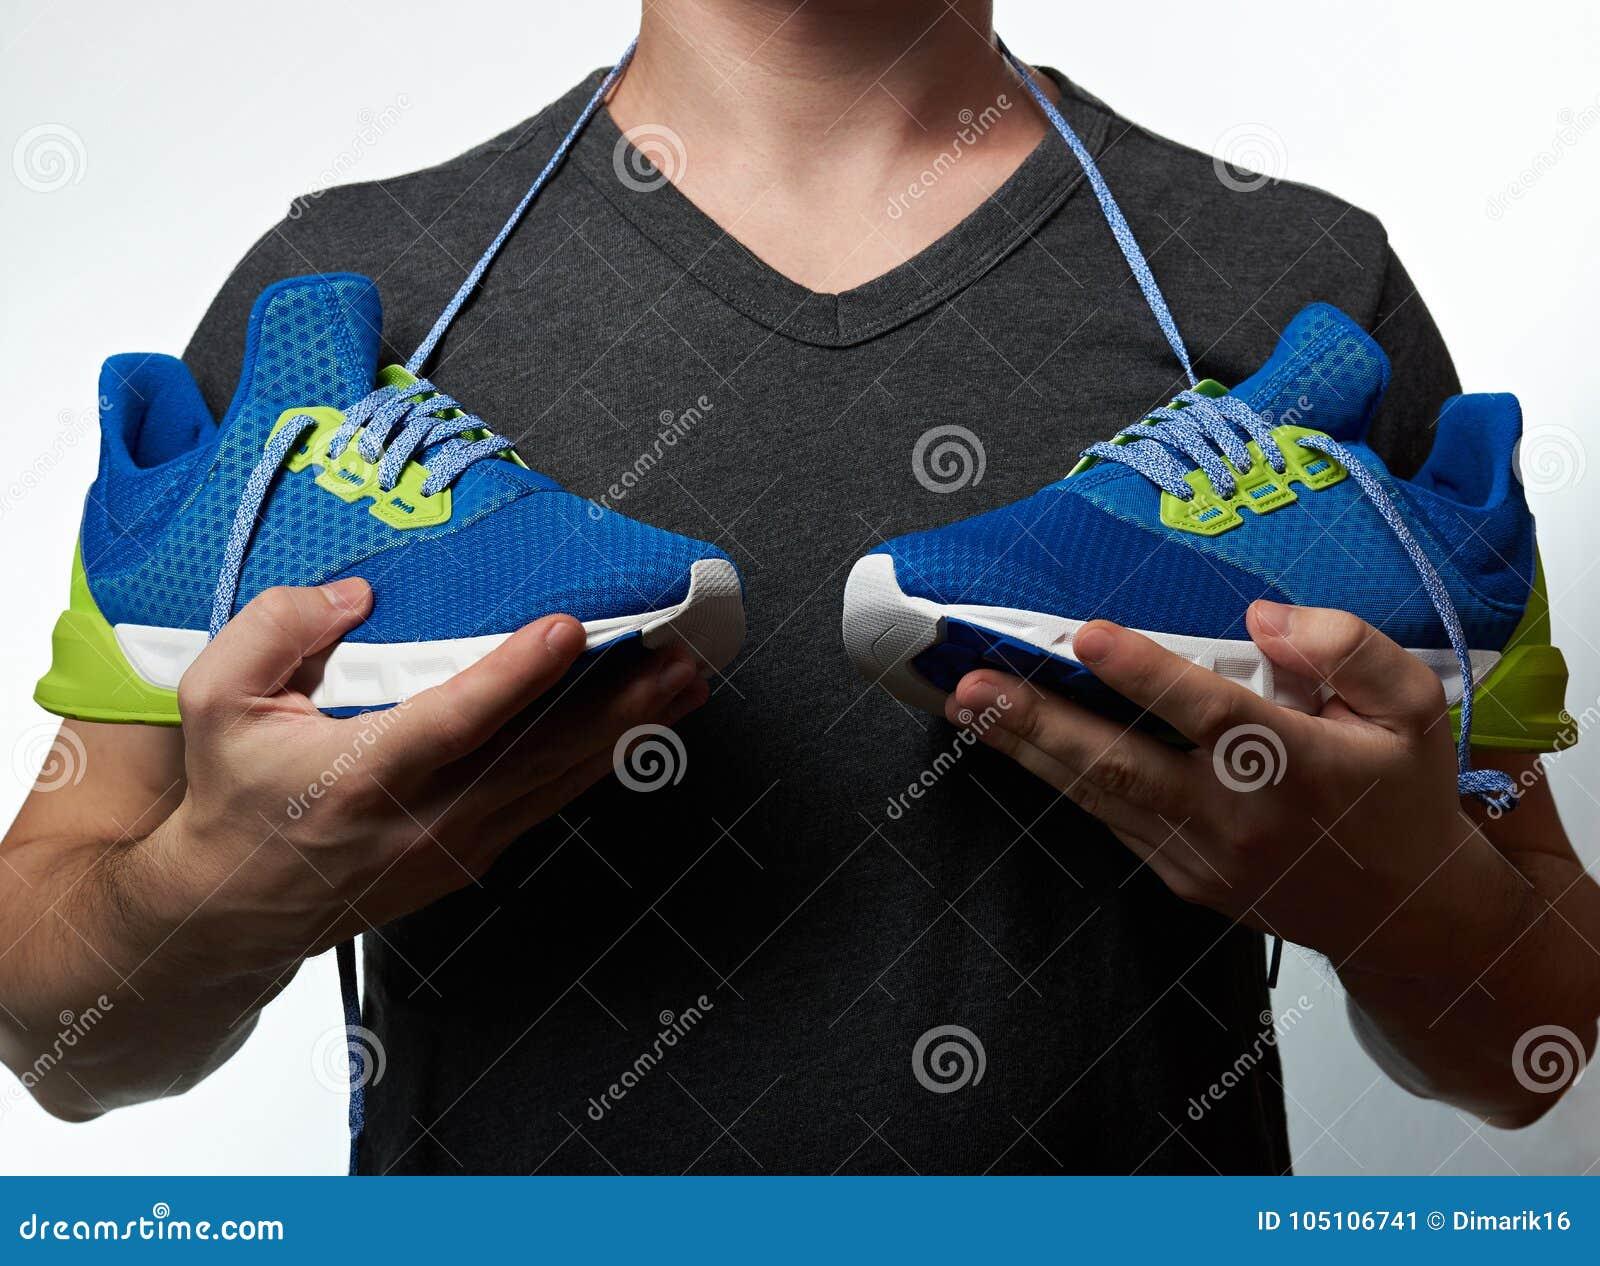 Imagen Hombre Deportivas Zapatillas Las Que Modernas Sostiene De q11wZ4xa